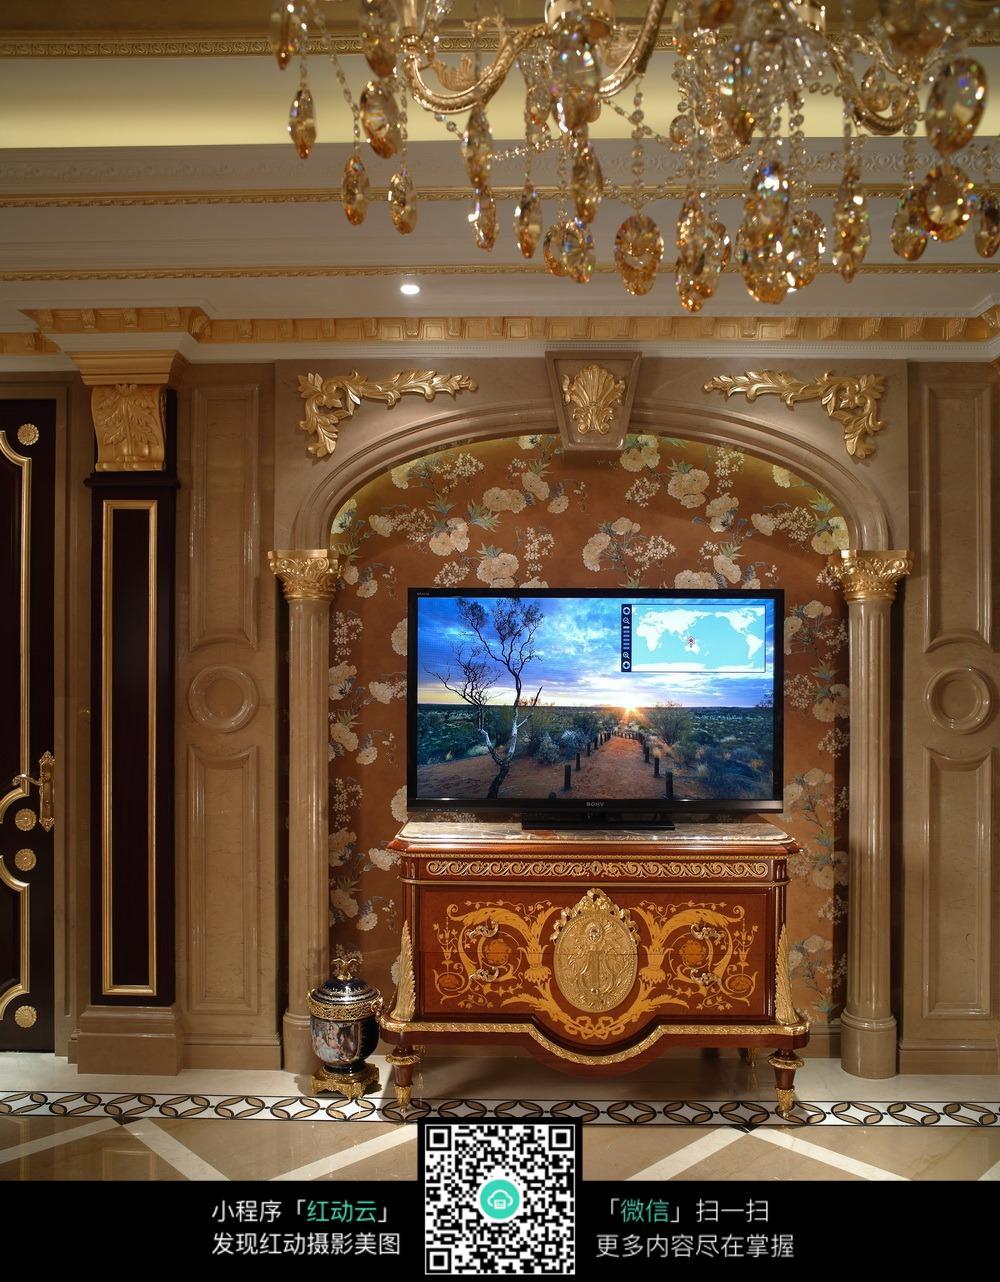 欧式电视墙背景装修图片图片